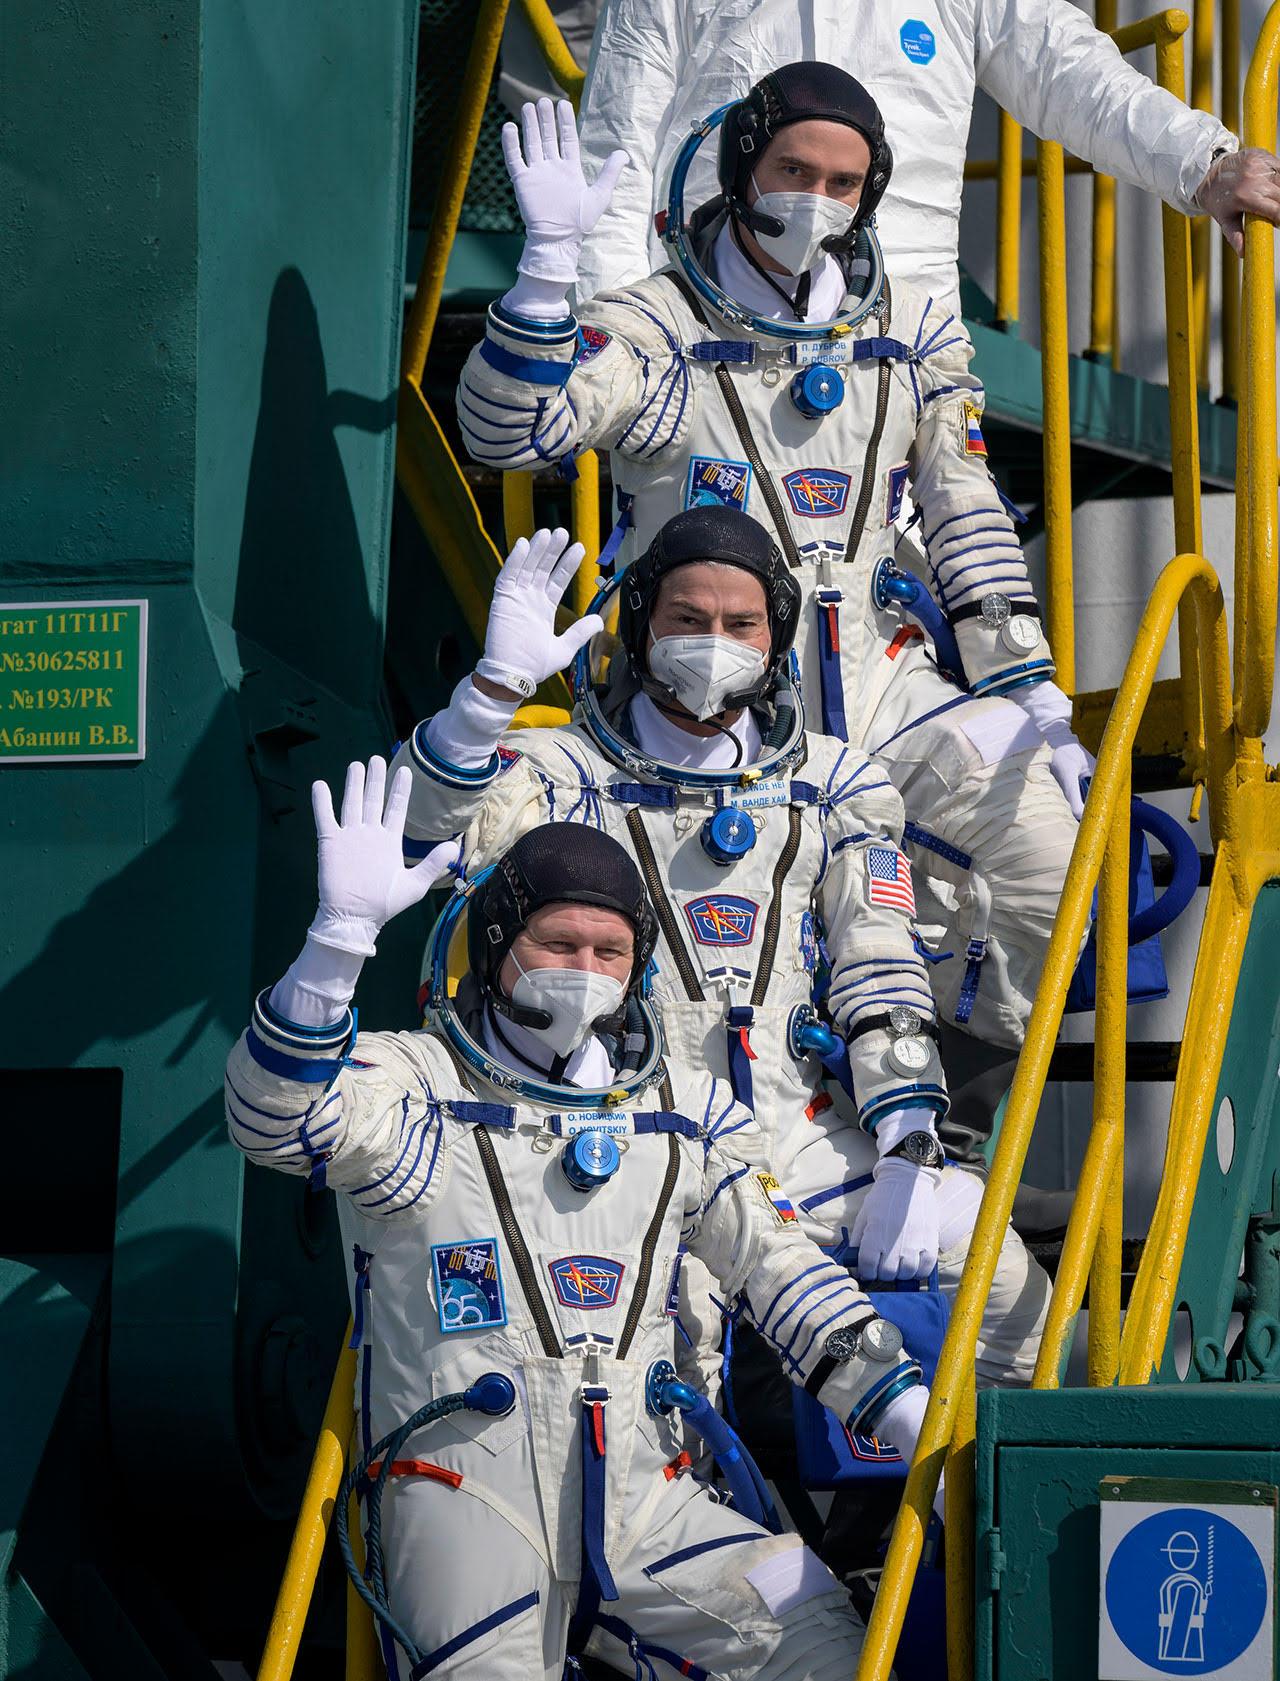 Le commandant du Soyouz MS-18 Oleg Novitskiy (en bas) et les ingénieurs de vol Mark Vande Hei (au centre) et Piotr Dubrovnik agitent la vague de la rampe de lancement avant de monter à bord de leur vaisseau spatial au cosmodrome de Baïkonour au Kazakhstan le 9 avril 2021.